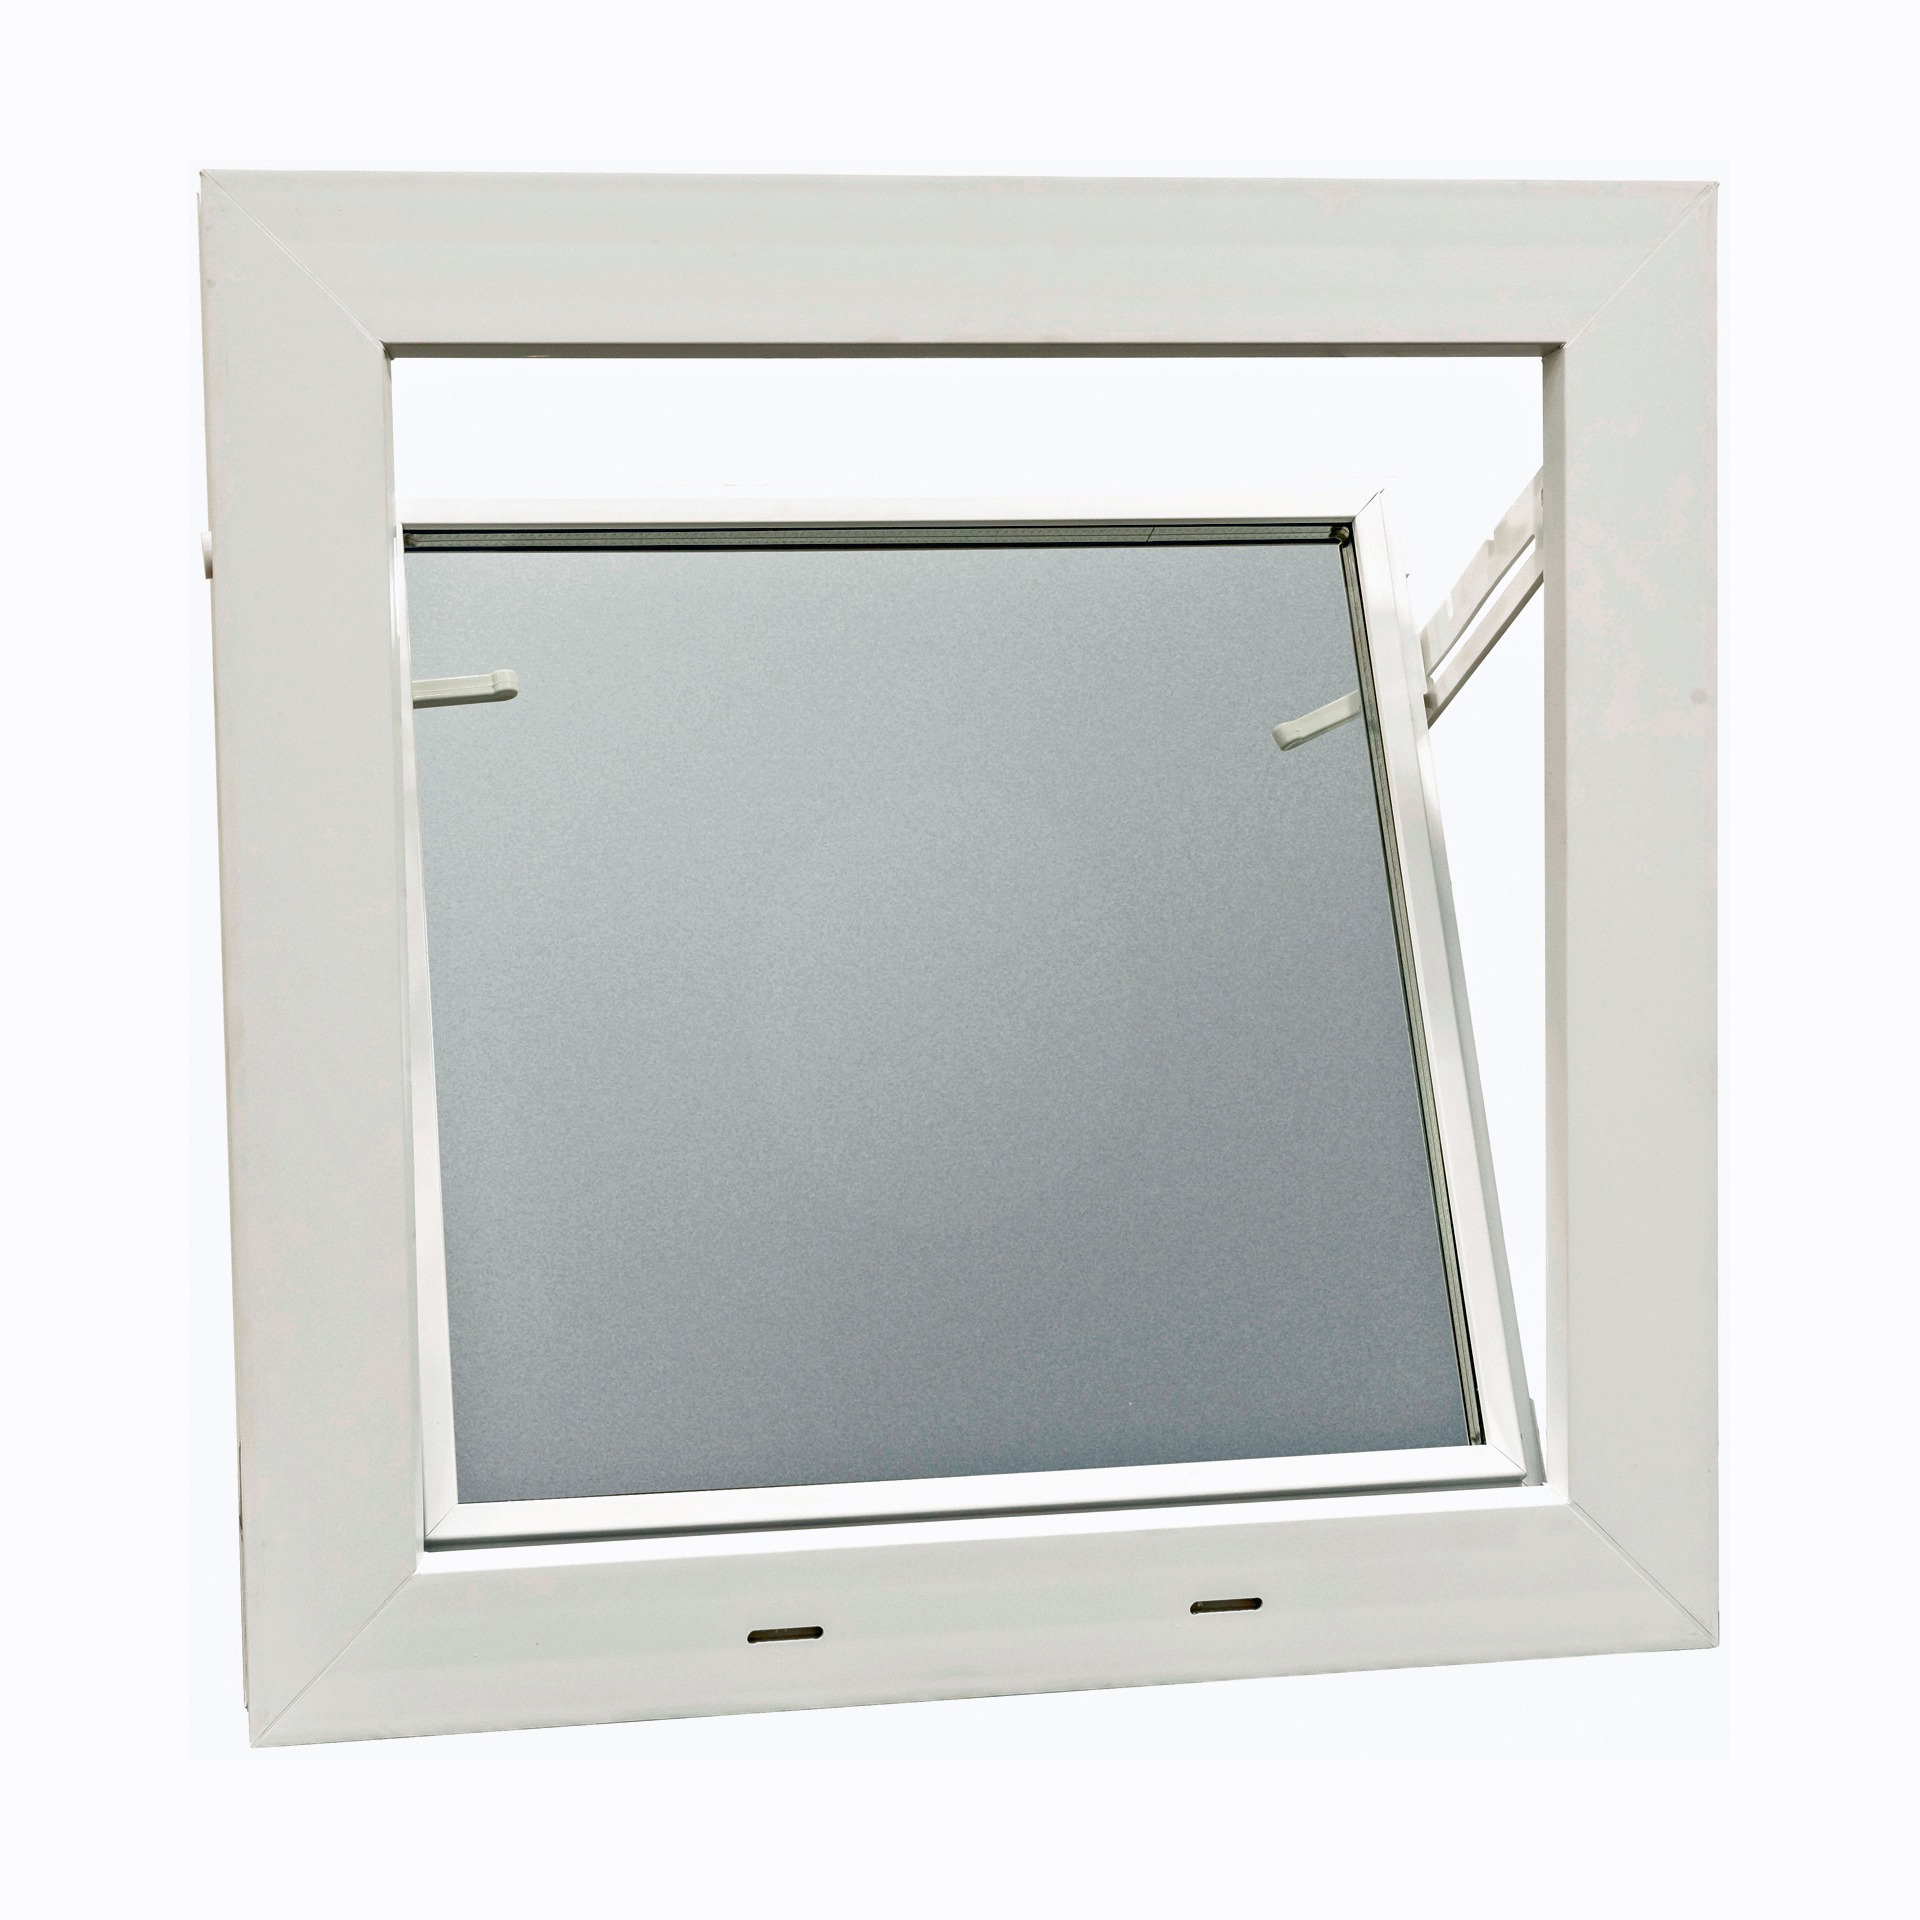 AKF Kunststoff Fenster Kellerfenster weiß mit Dickglas 5 mm Kippfenster